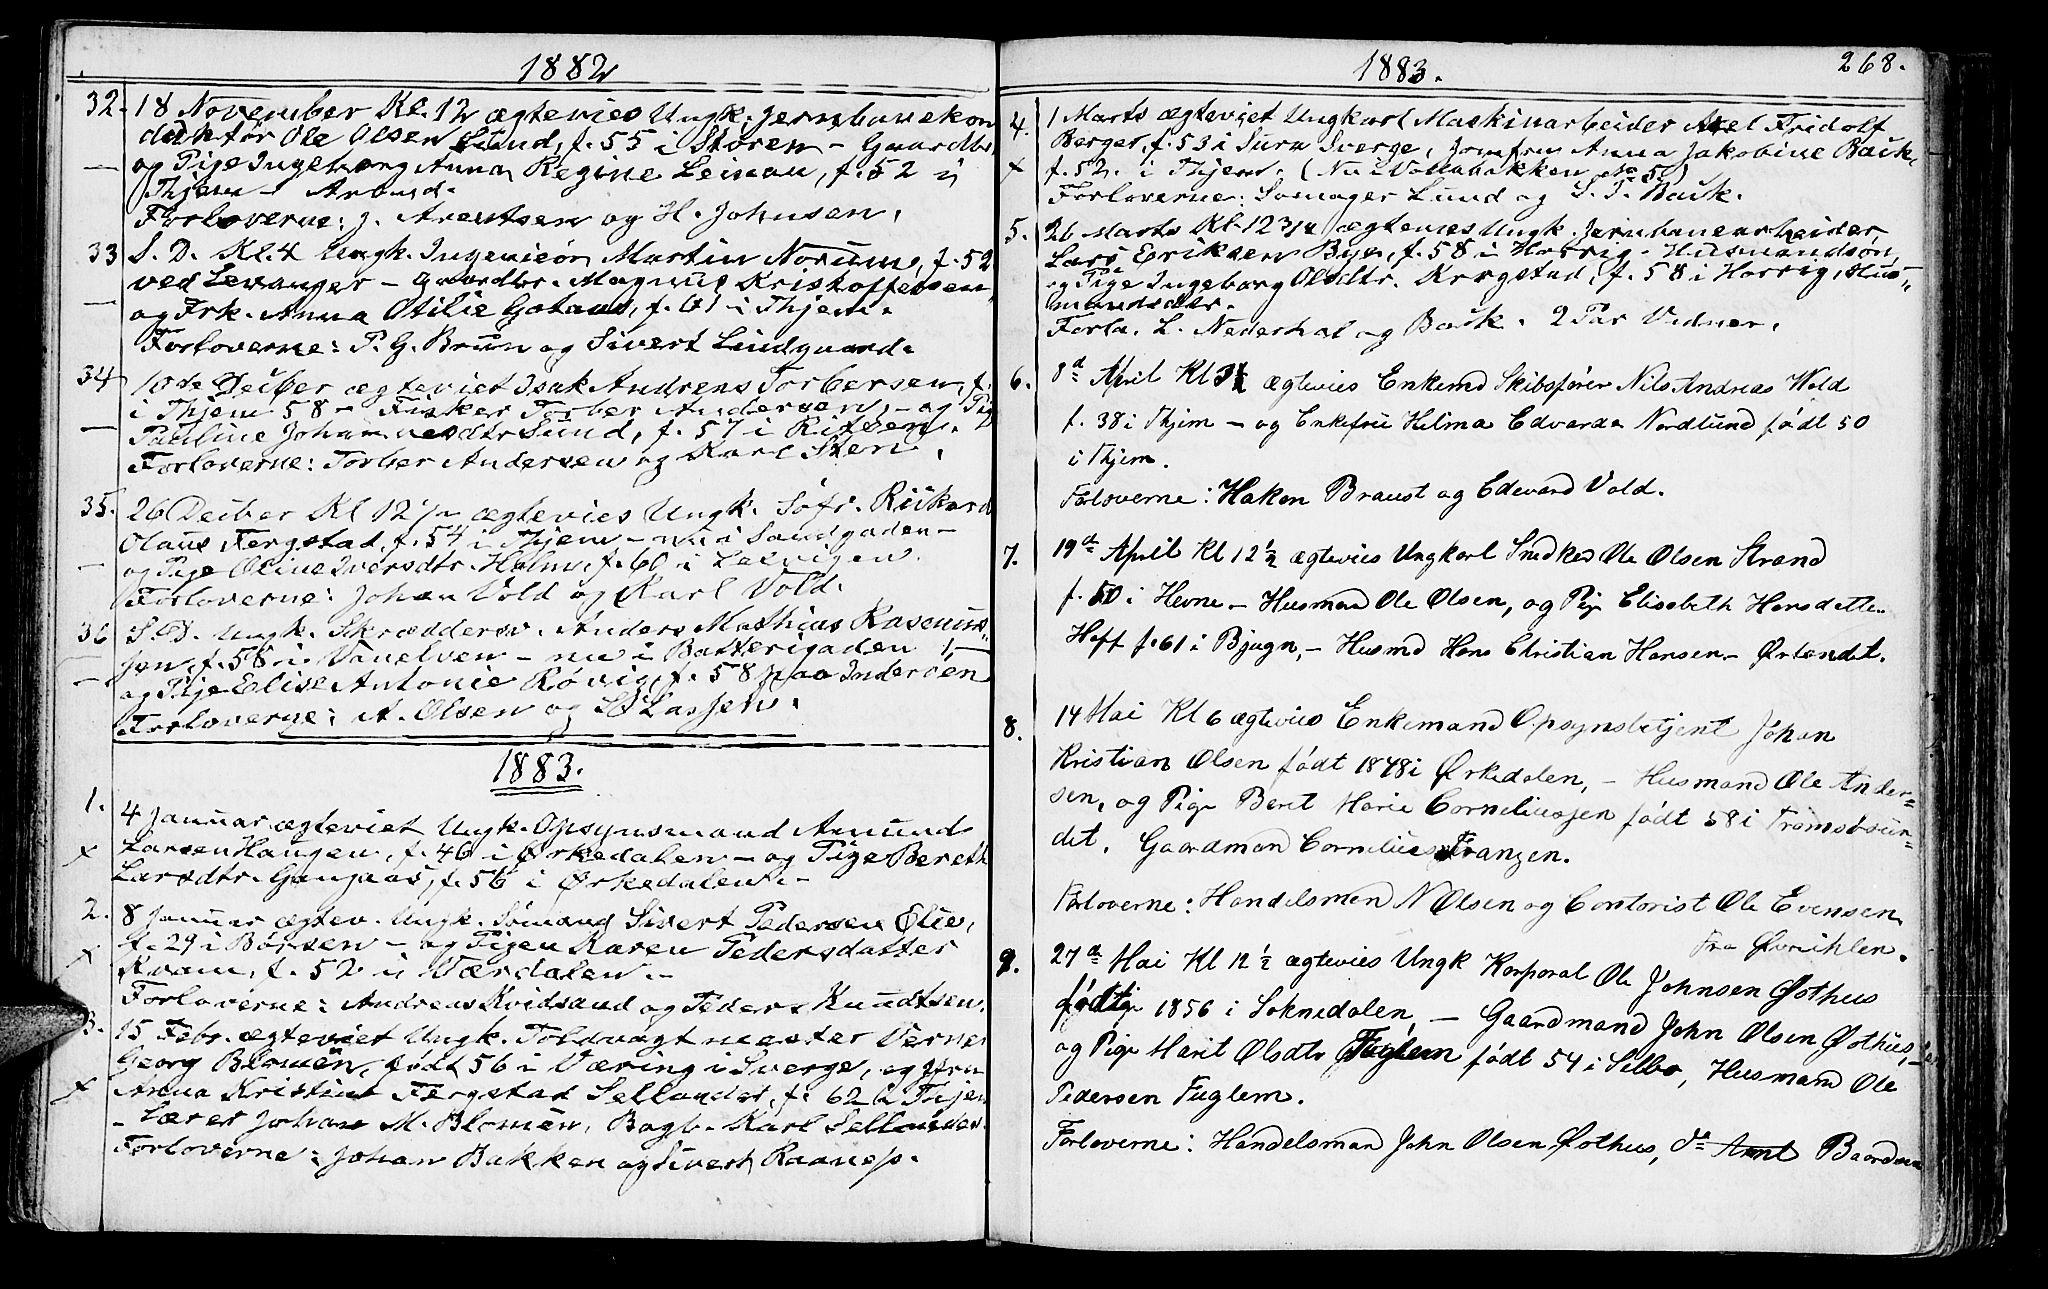 SAT, Ministerialprotokoller, klokkerbøker og fødselsregistre - Sør-Trøndelag, 602/L0142: Klokkerbok nr. 602C10, 1872-1894, s. 268